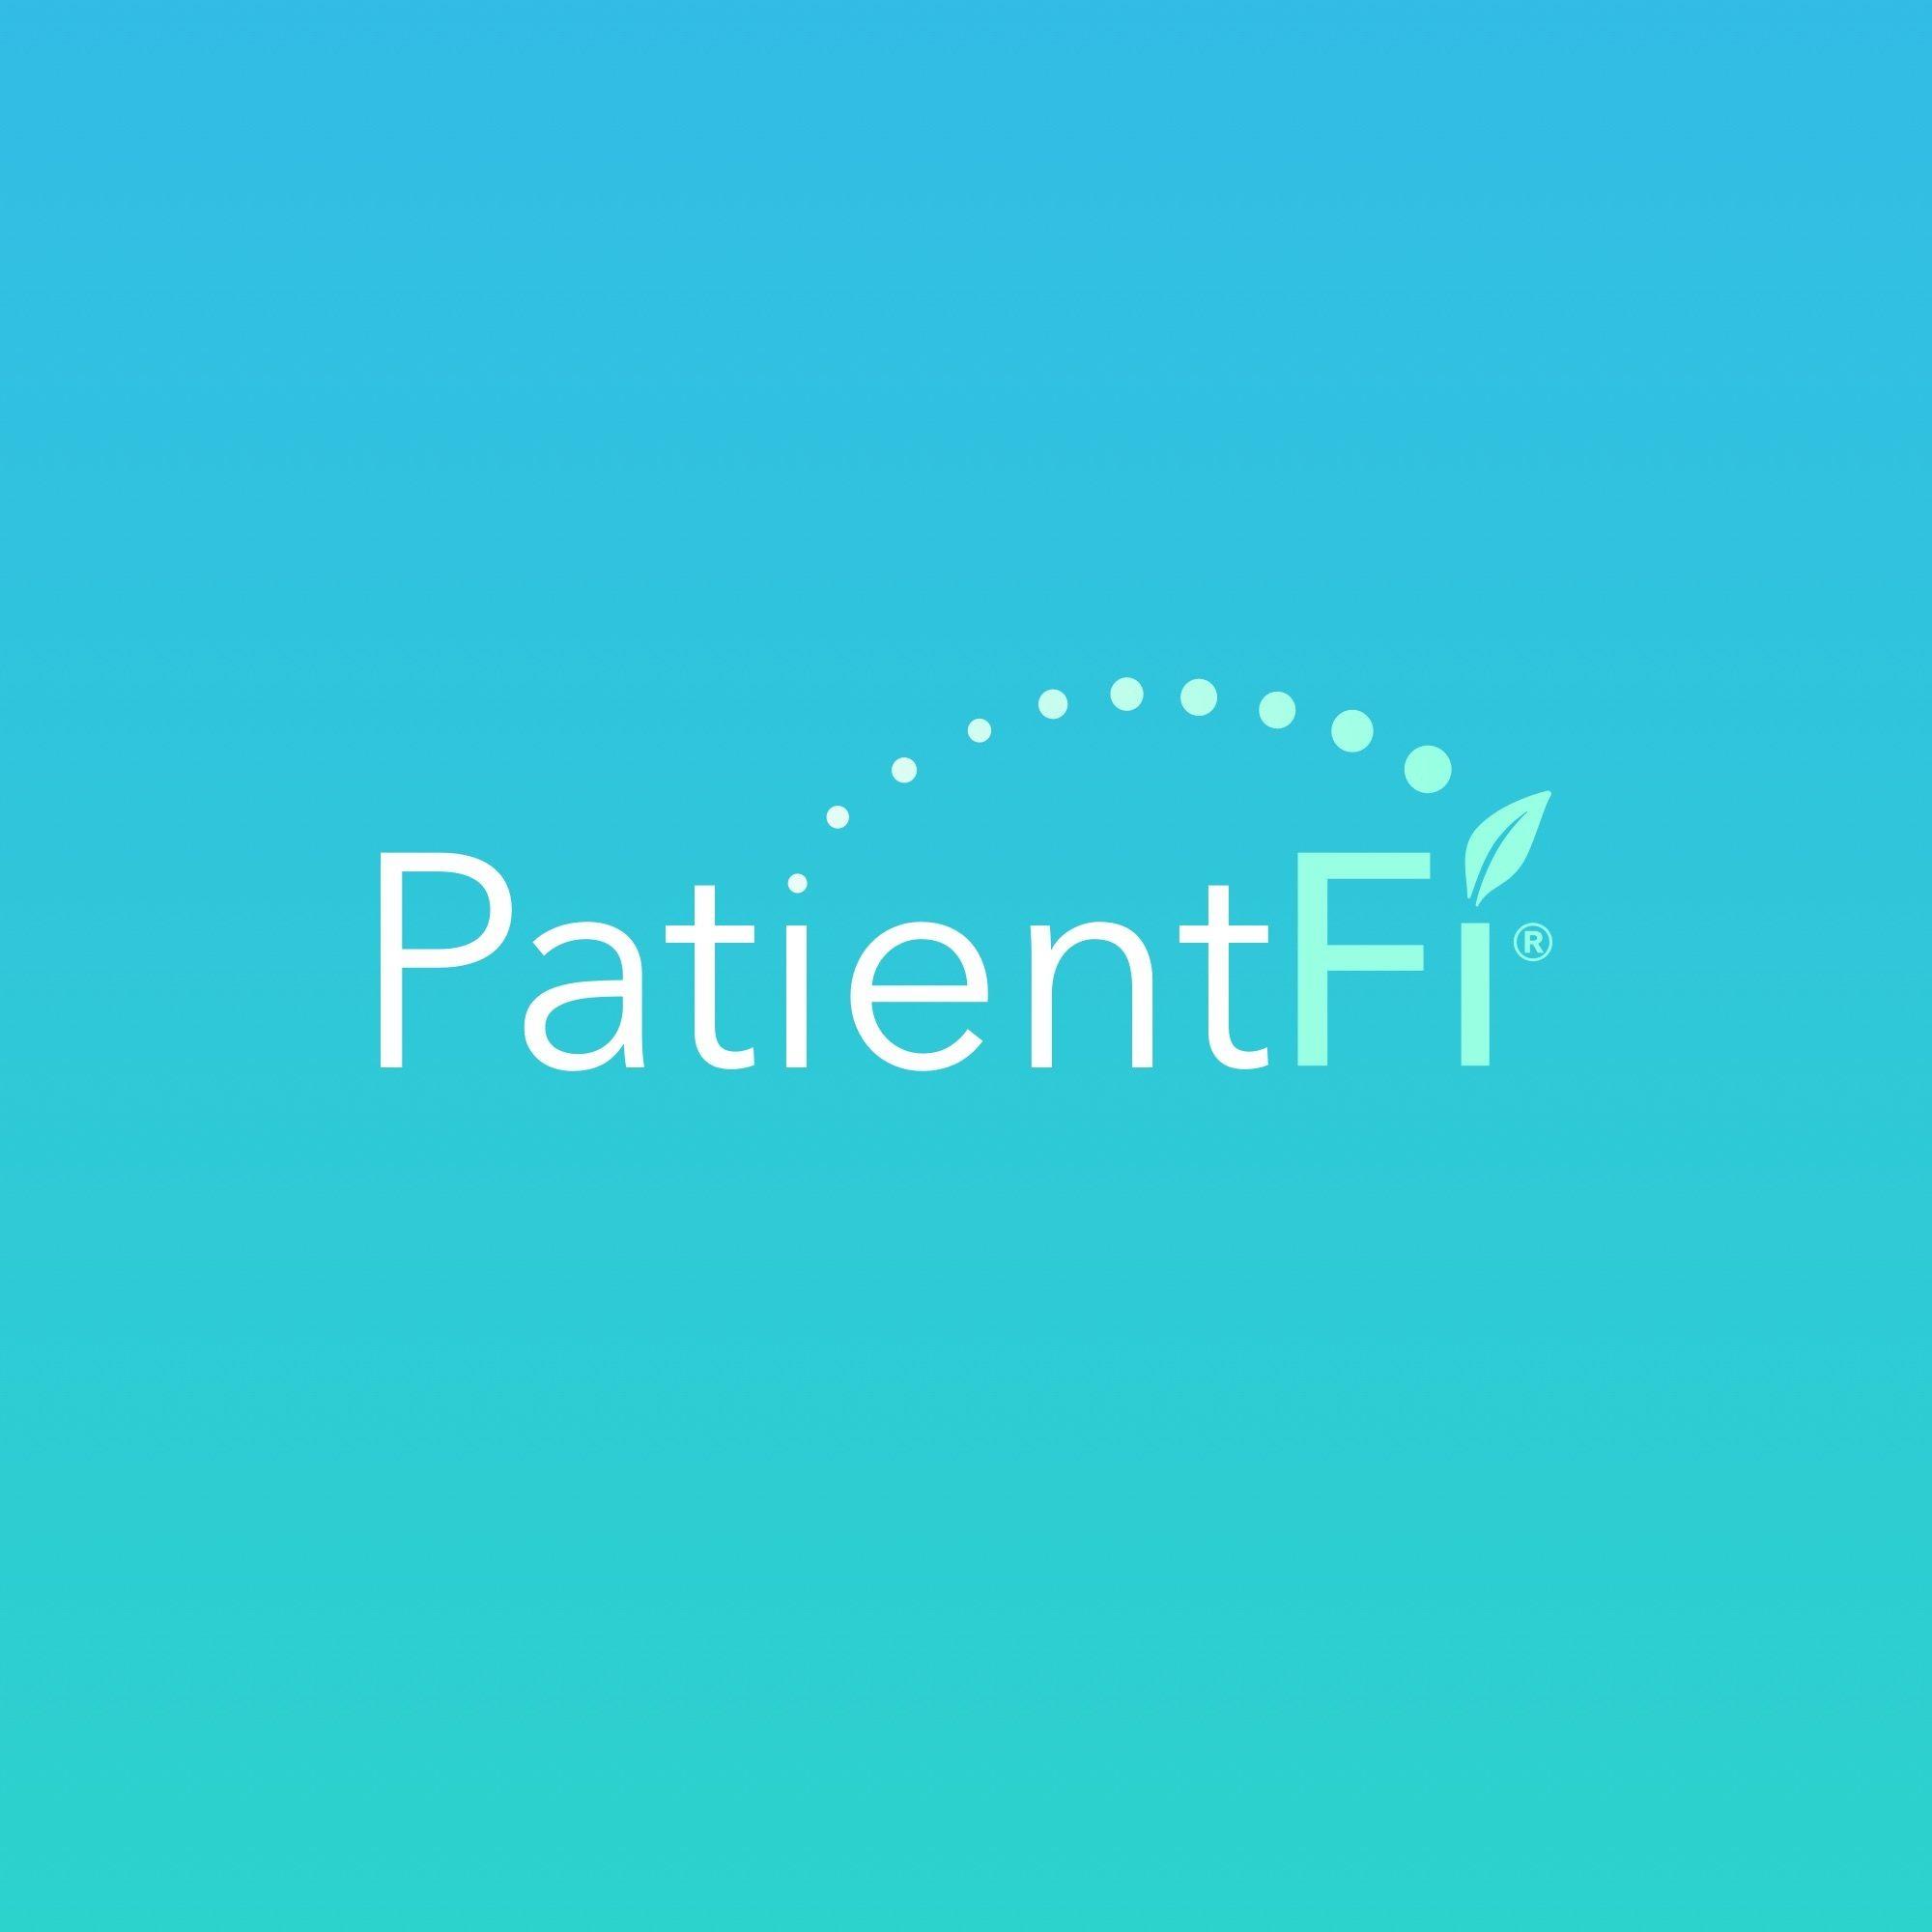 Patient Fi